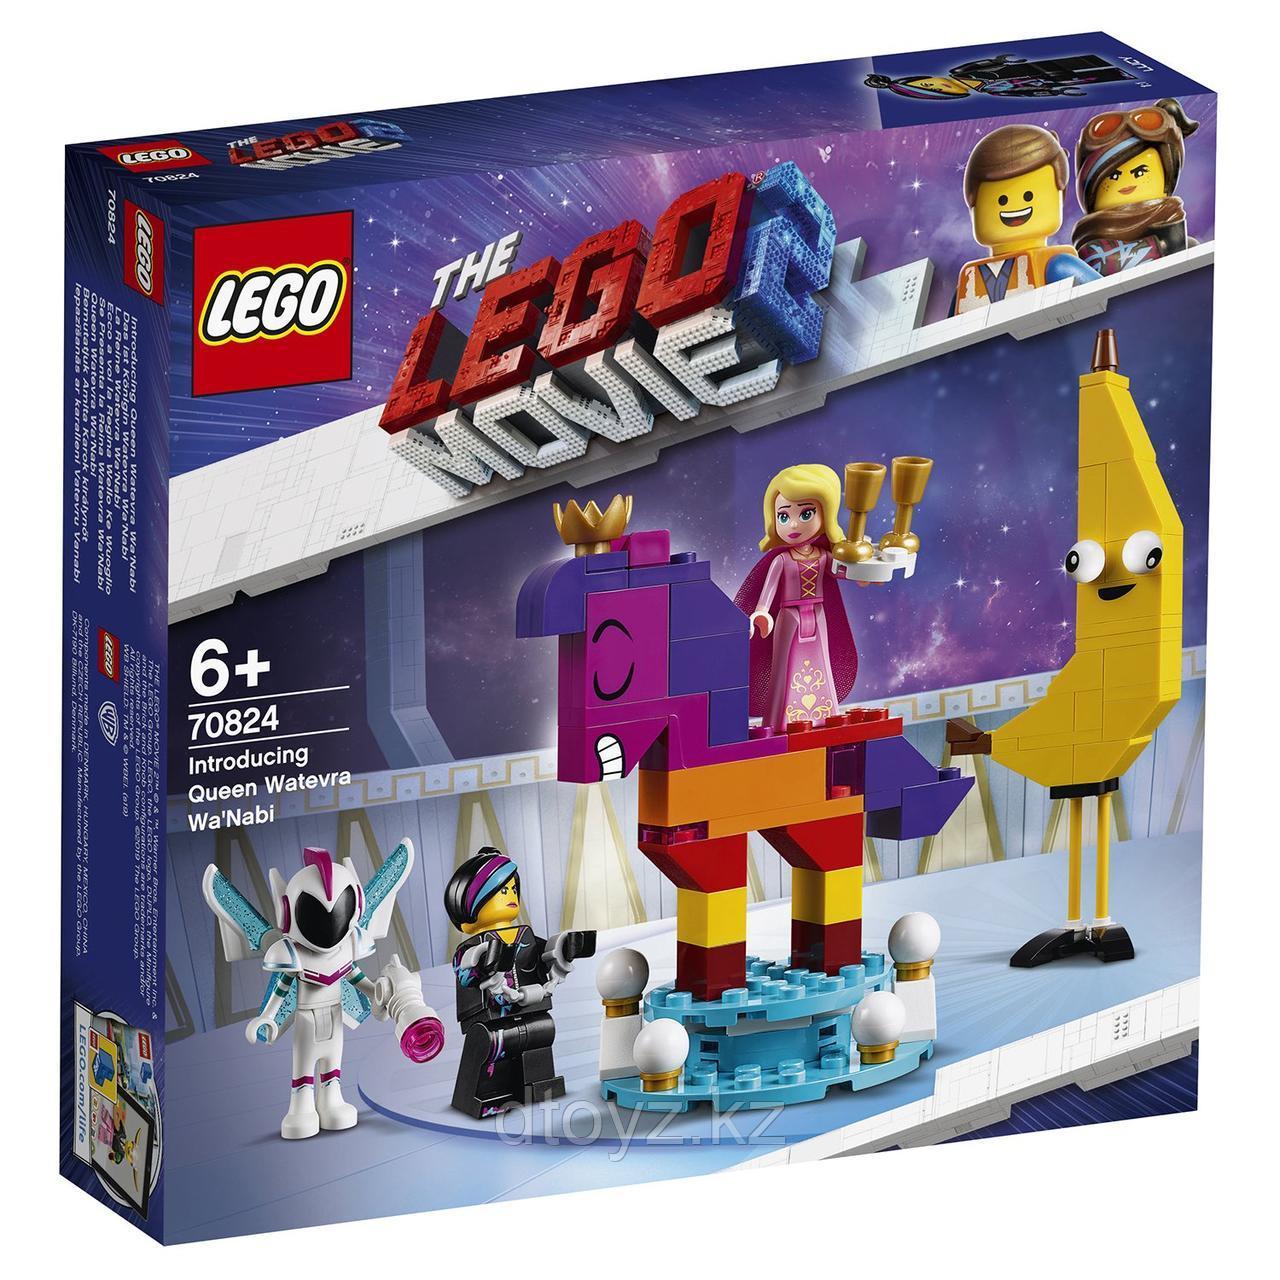 70824 LEGO Movie Познакомьтесь с королевой Многоликой Прекрасной